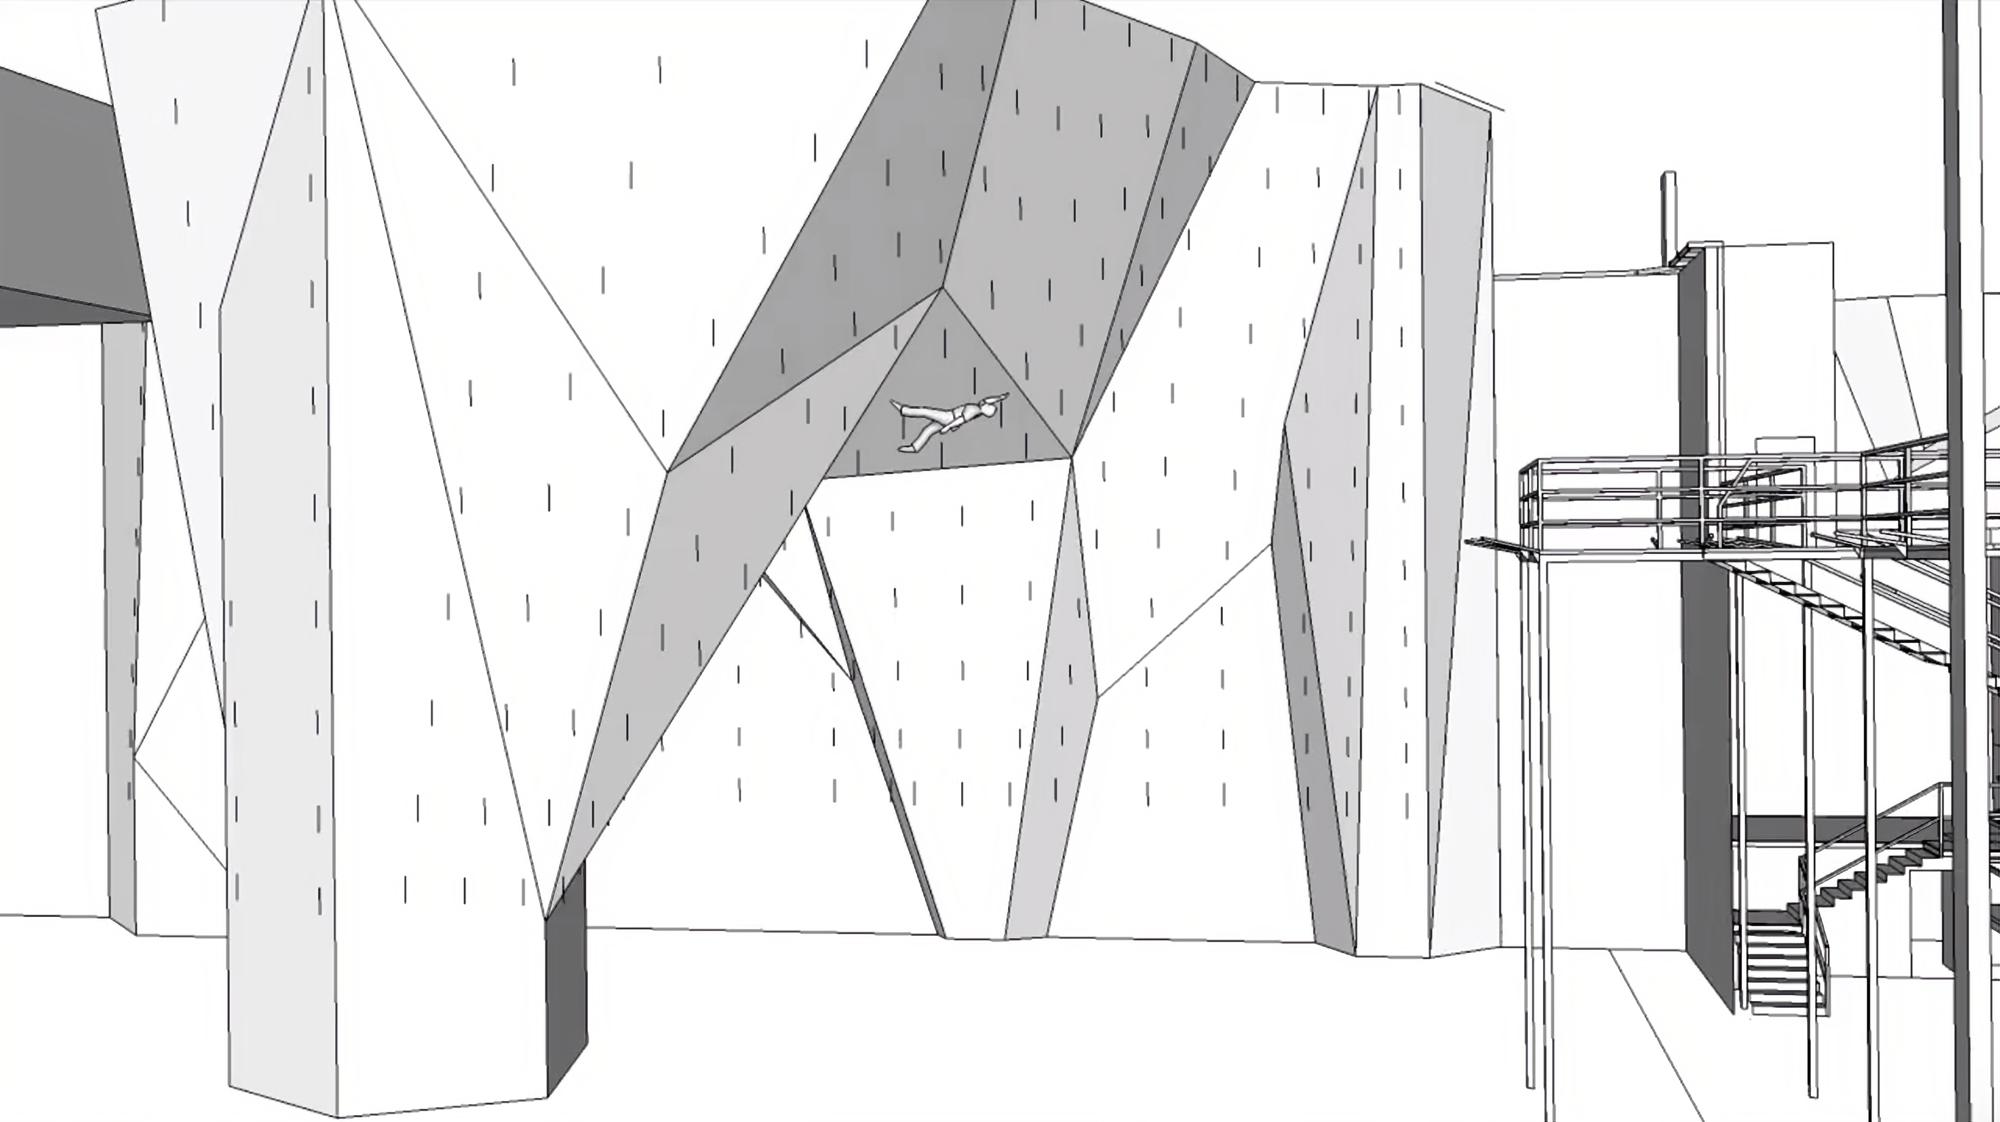 3Д-визуализацию и анимацию проекта скалодрома скалолазы разработали сами. Подрядчикам заплатили 600тысяч рублей только за просчет металлических конструкций. Автор: Дмитрий Степанов